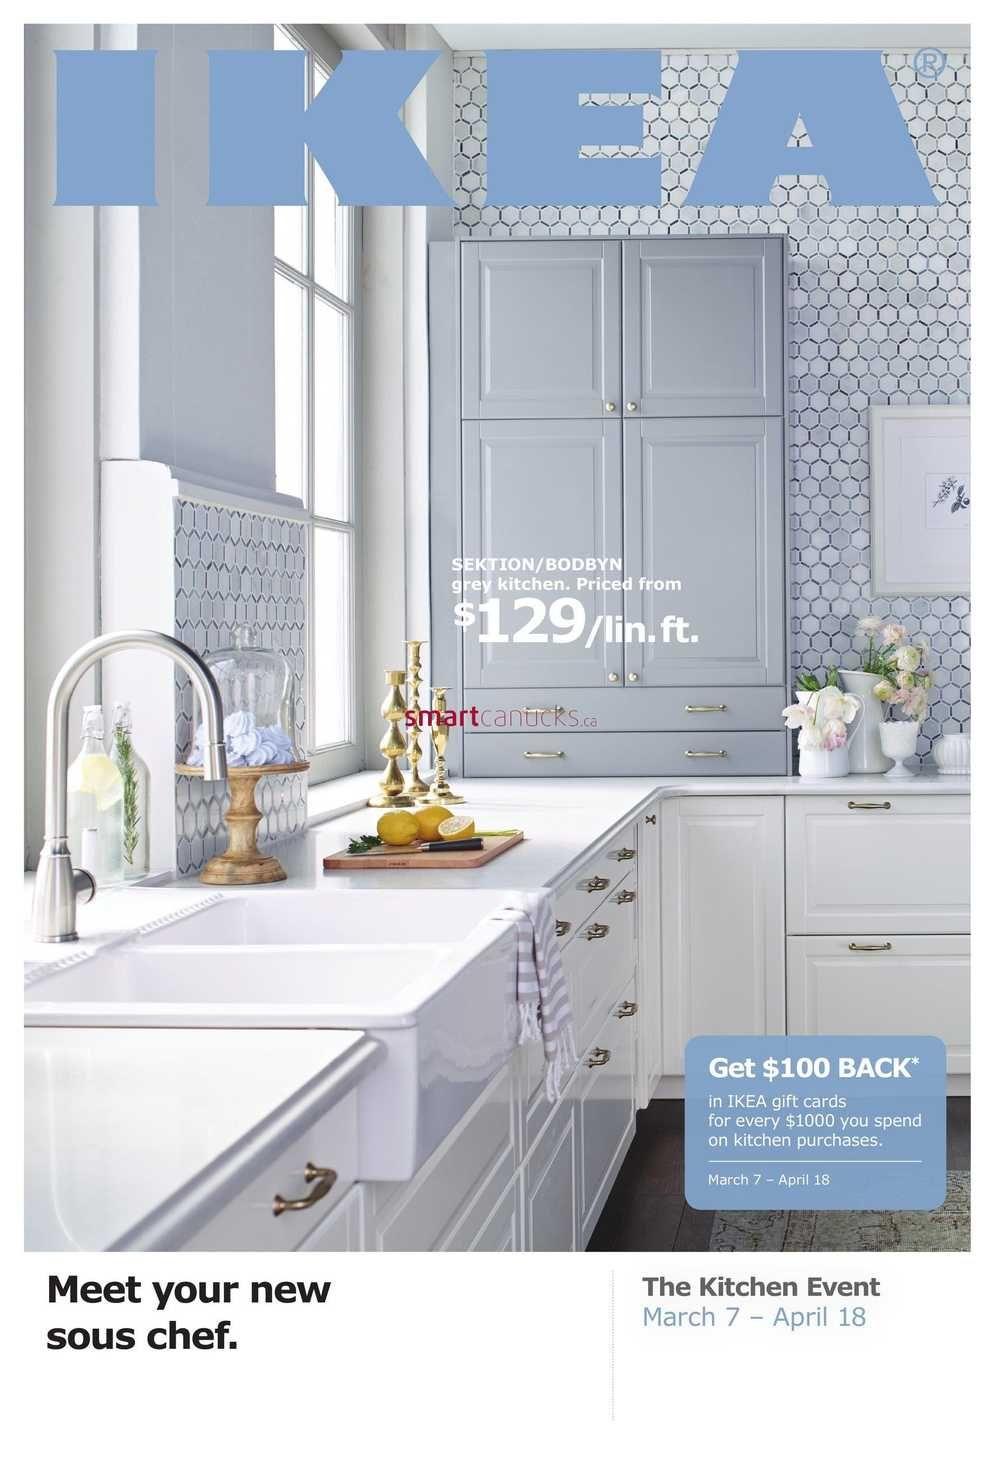 ikea kitchen flyer - Bindrdn.waterefficiency.co